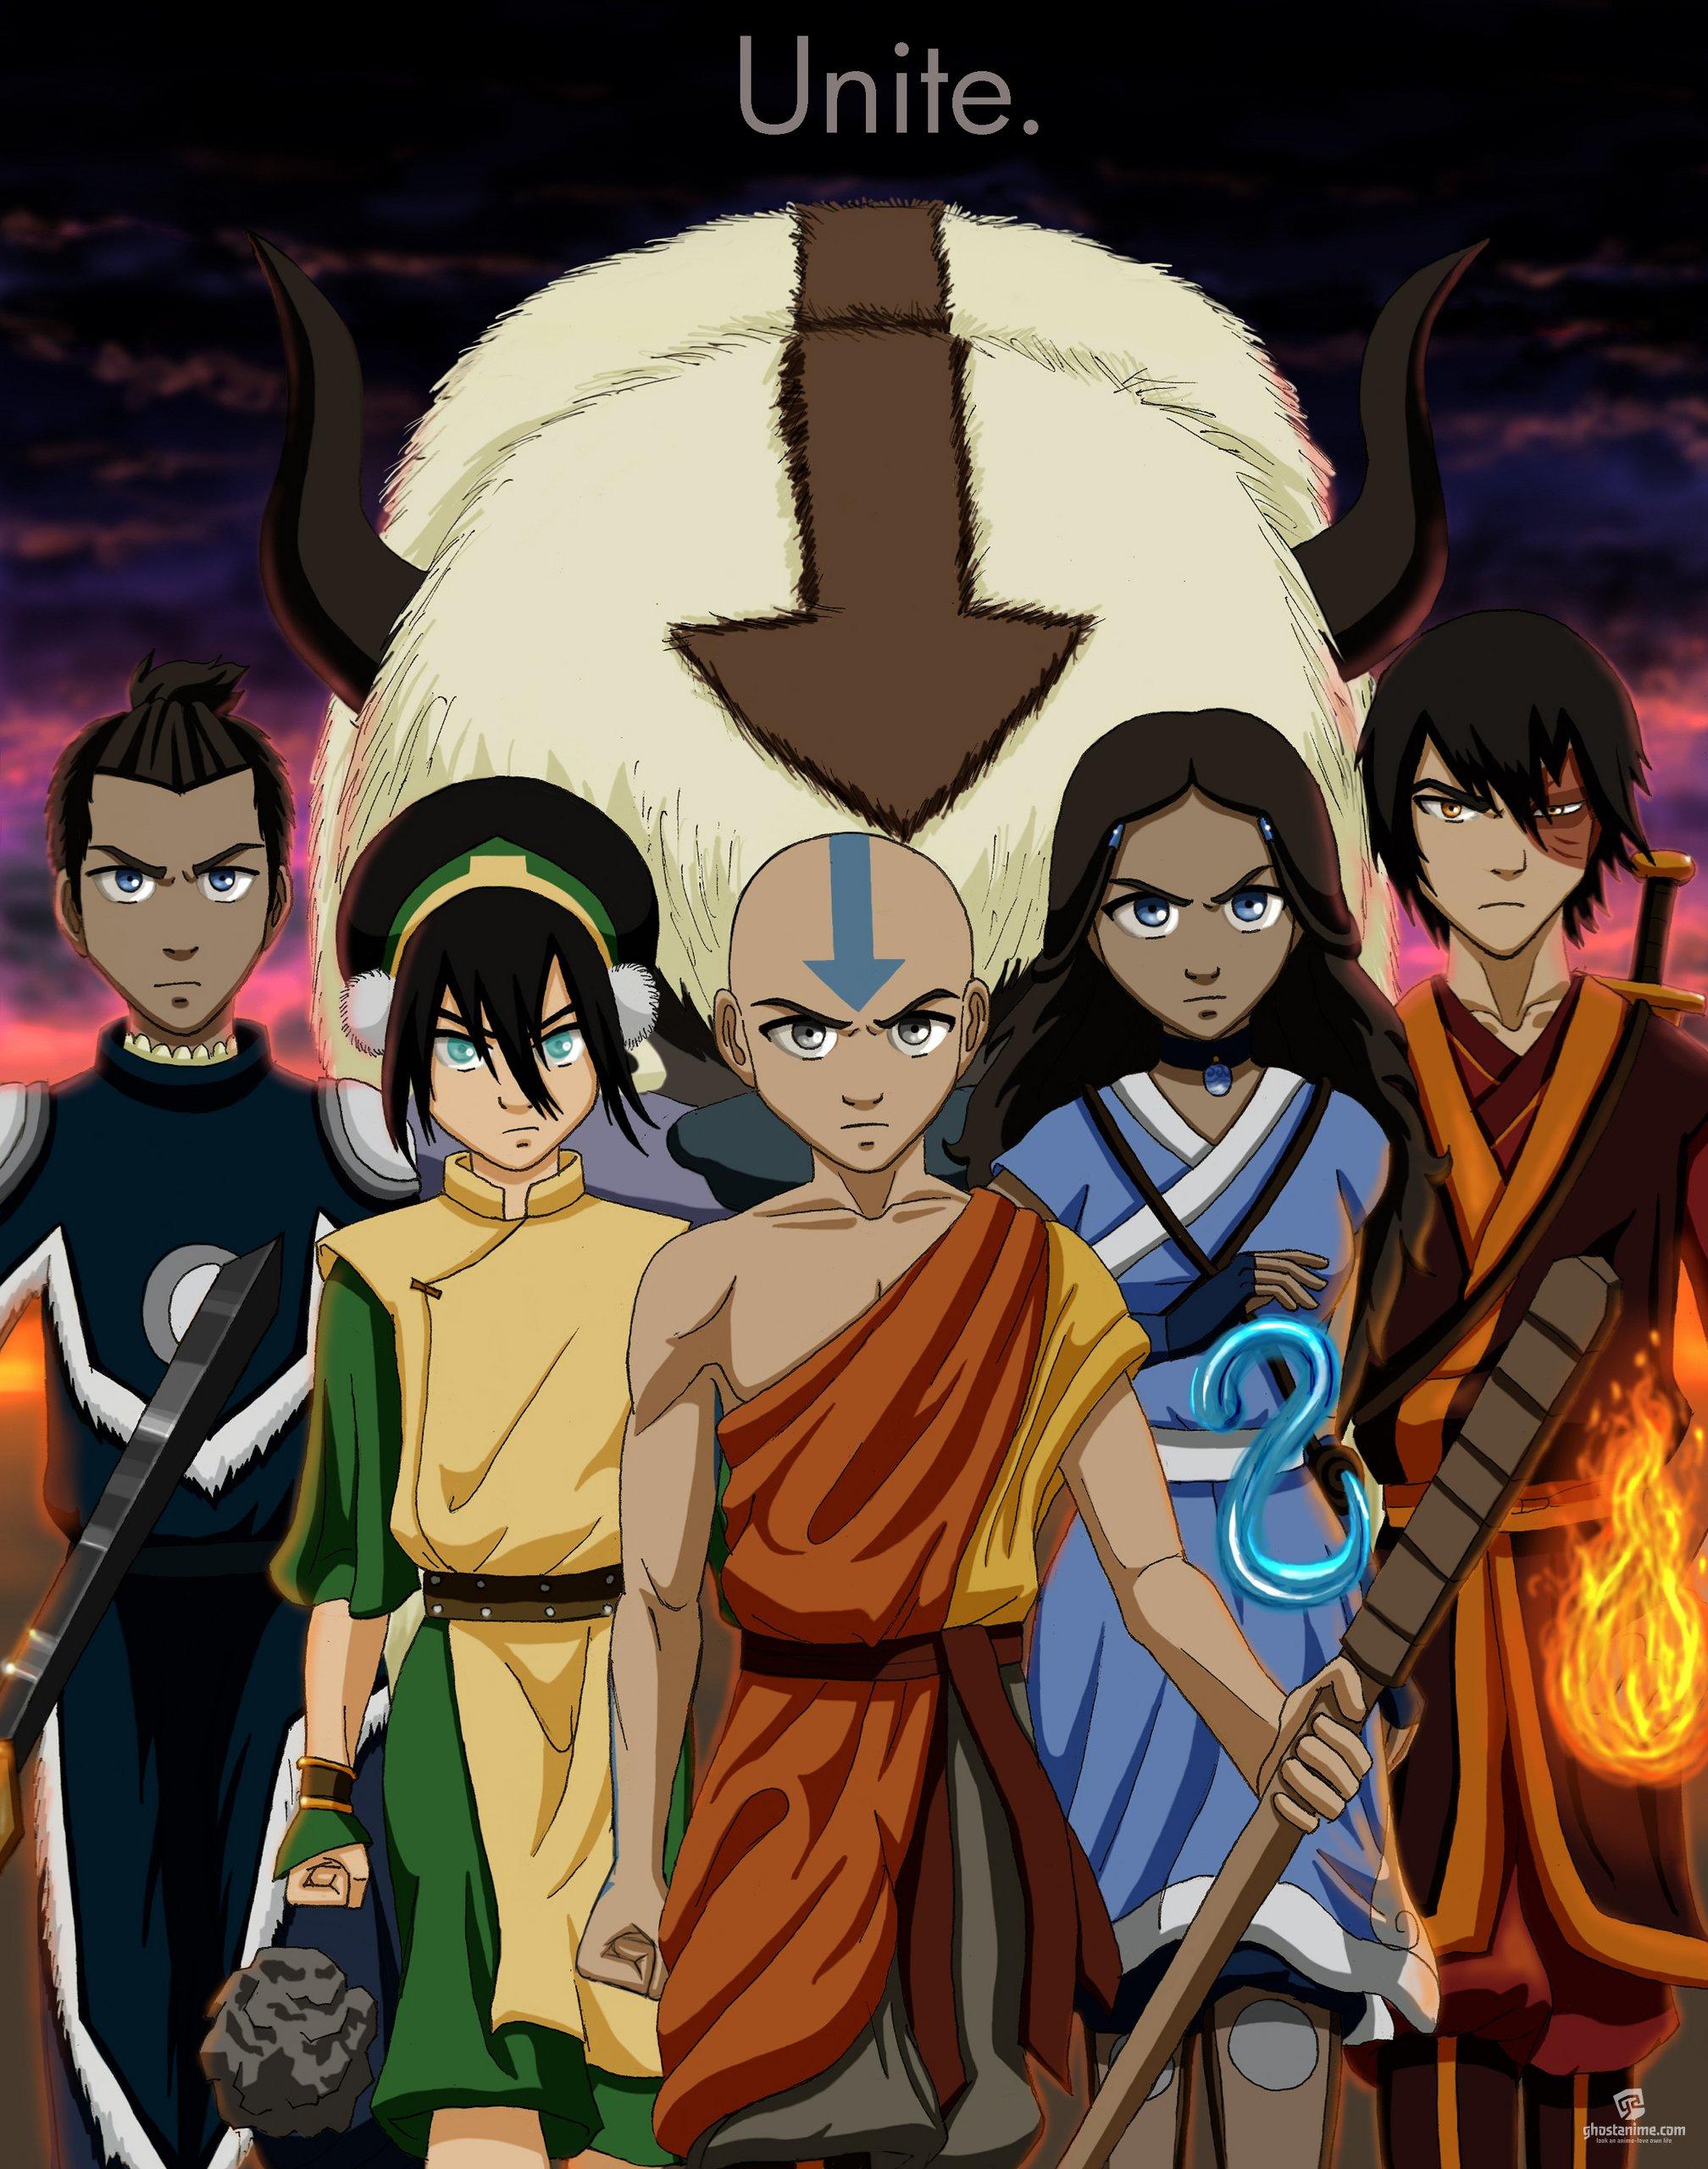 Смотреть аниме Аватар: Легенда об Аанге - книга третья: Огонь / Avatar: The Last Airbender онлайн бесплатно